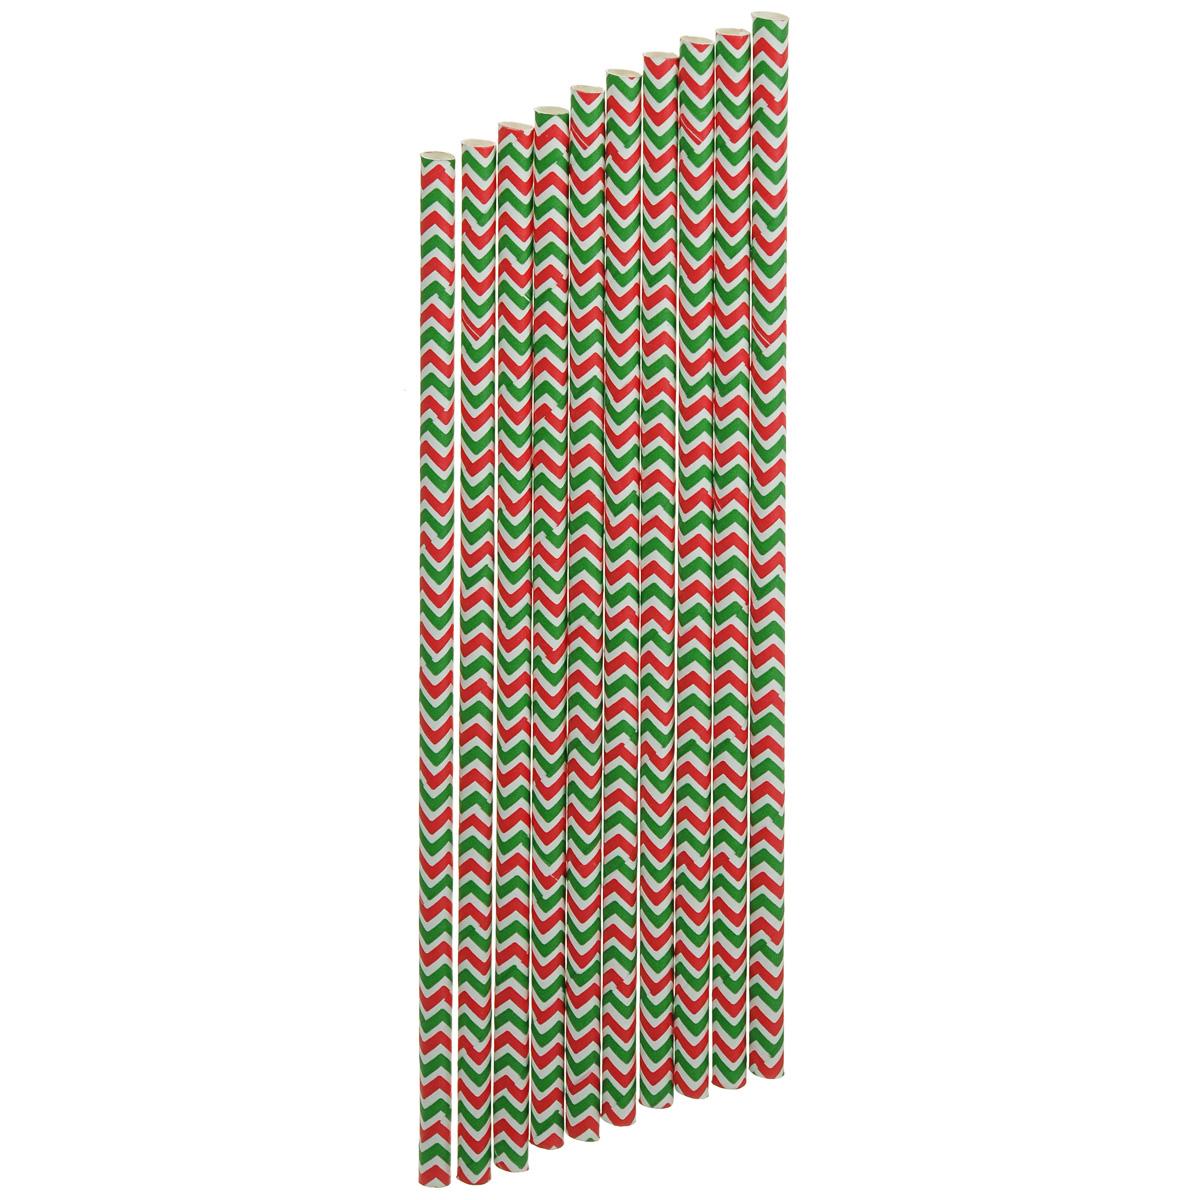 Набор бумажных трубочек Dolce Arti Праздник, цвет: белый, зеленый, красный, 10 штDA040255Набор Dolce Arti Праздник состоит из 10 бумажных трубочек, предназначенных для напитков. Цветные трубочки станут не только эффектным украшением коктейлей, но и ярким штрихом вашего сладкого стола. С набором Dolce Arti Праздник ваш праздник станет по-настоящему красочным!Длина трубочки: 19,5 см. Диаметр трубочки: 5 мм.